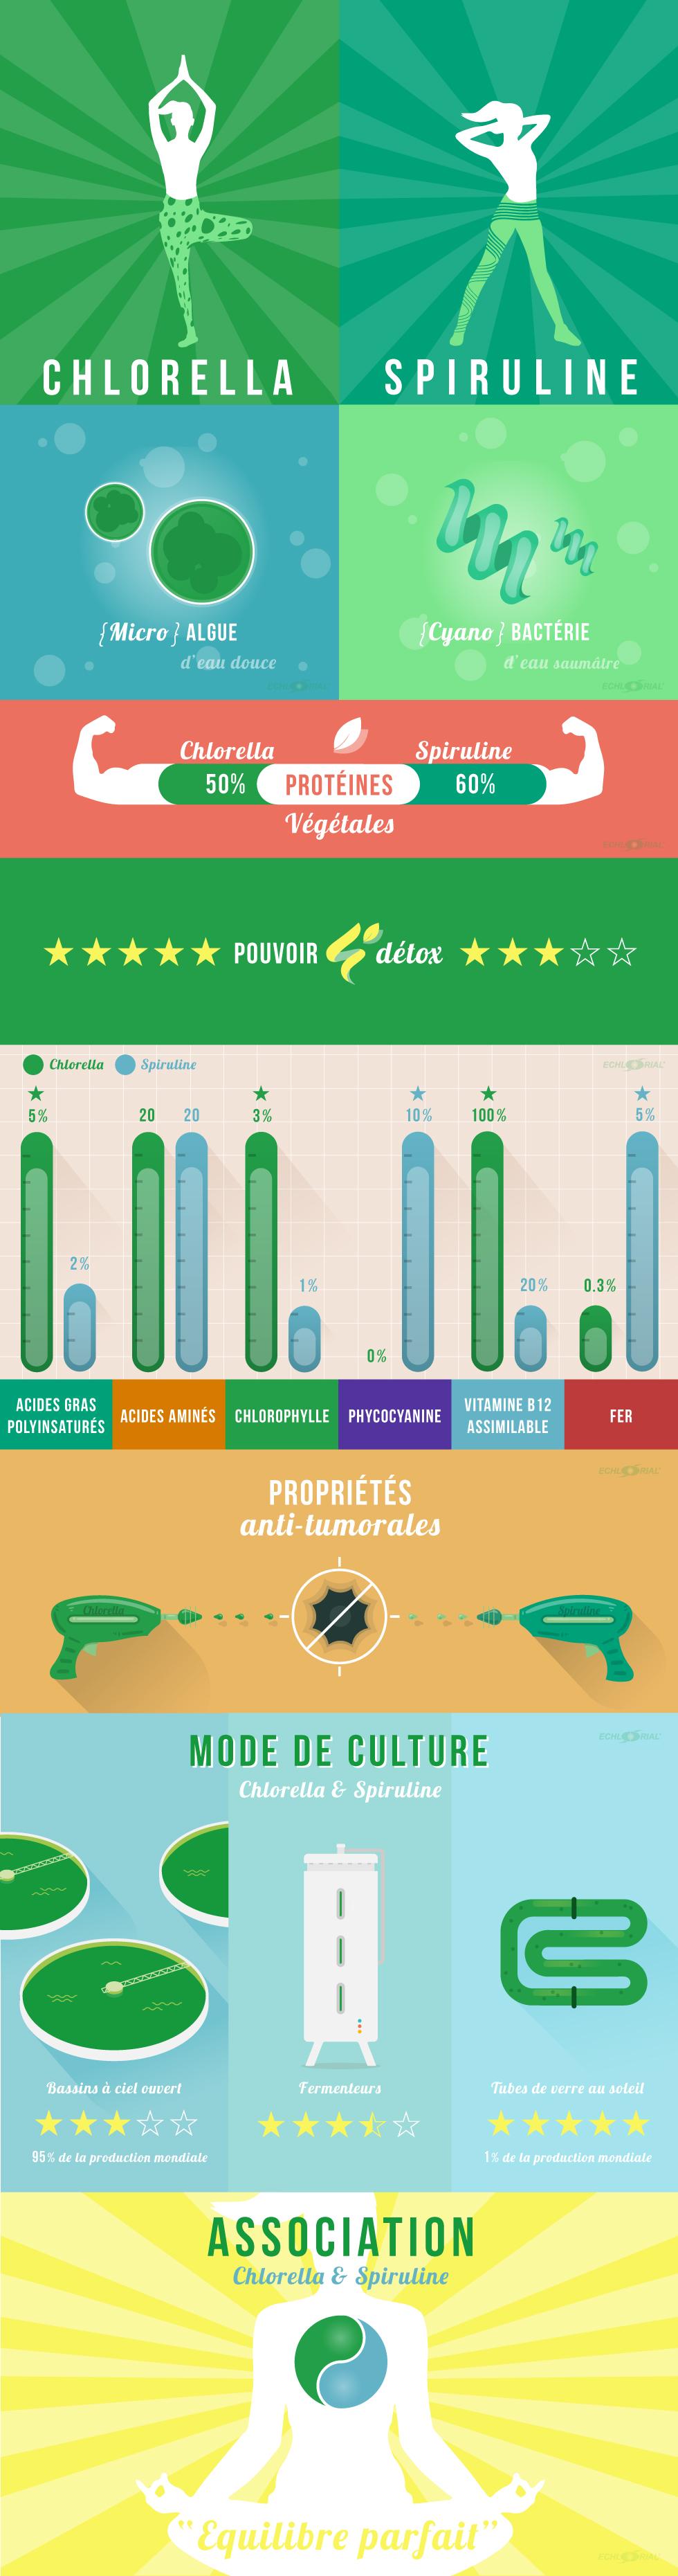 Infographie : différences entre Chlorella et Spiruline